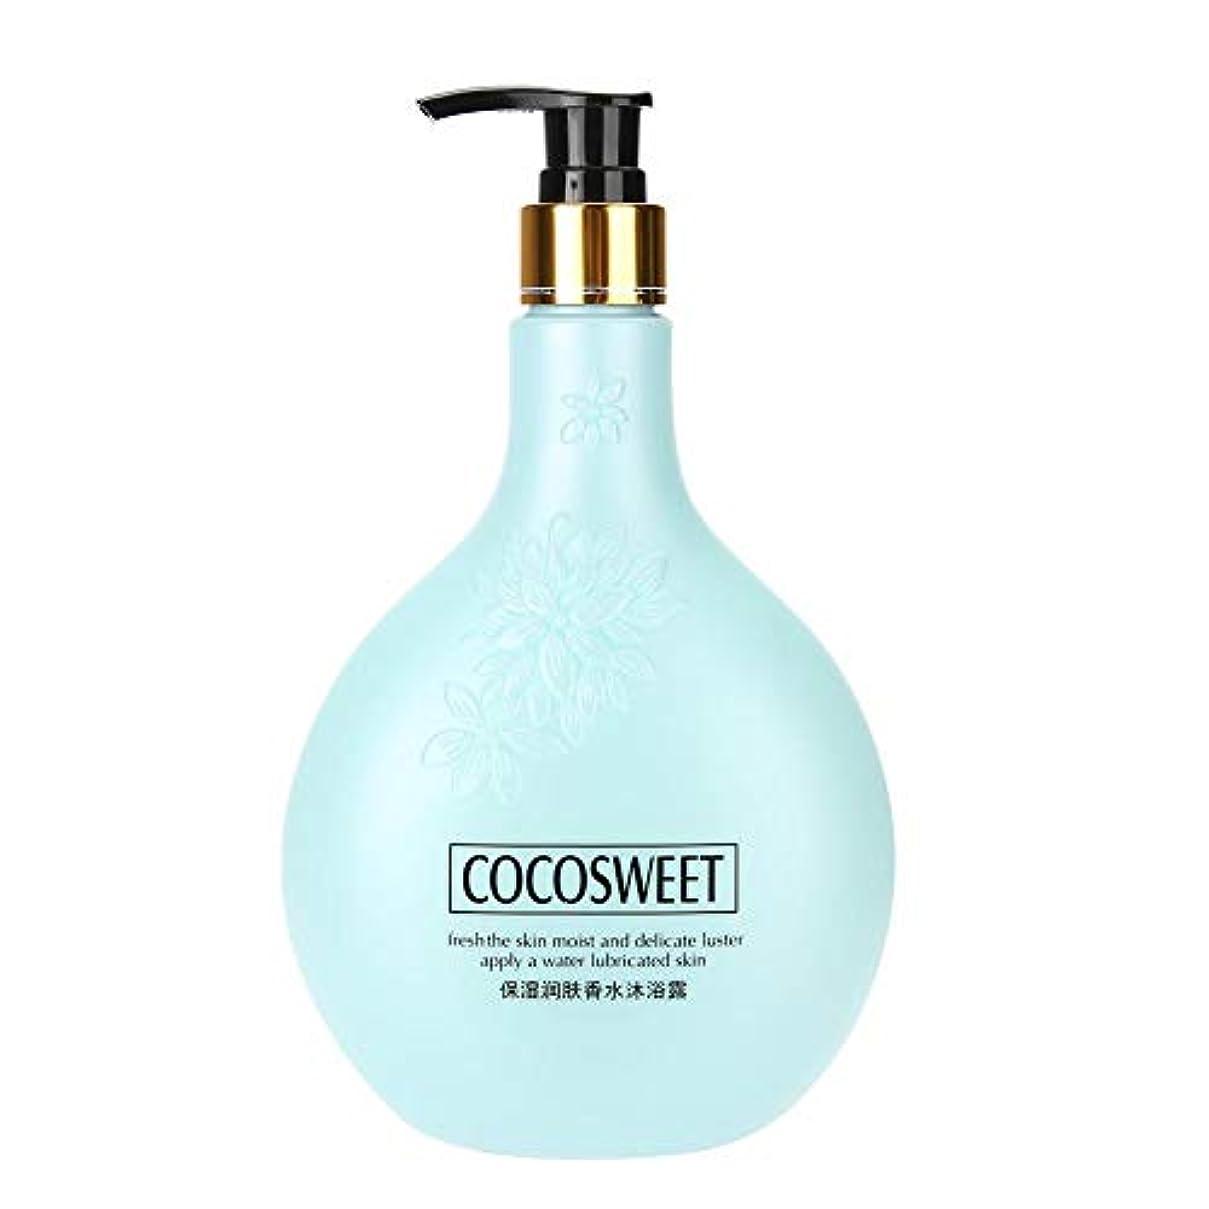 考えたからに変化する主要なボディシャンプー、500ml香り保湿シャワージェル天然成分クリーンボディスキンケアバスルームアクセサリー(Blue)